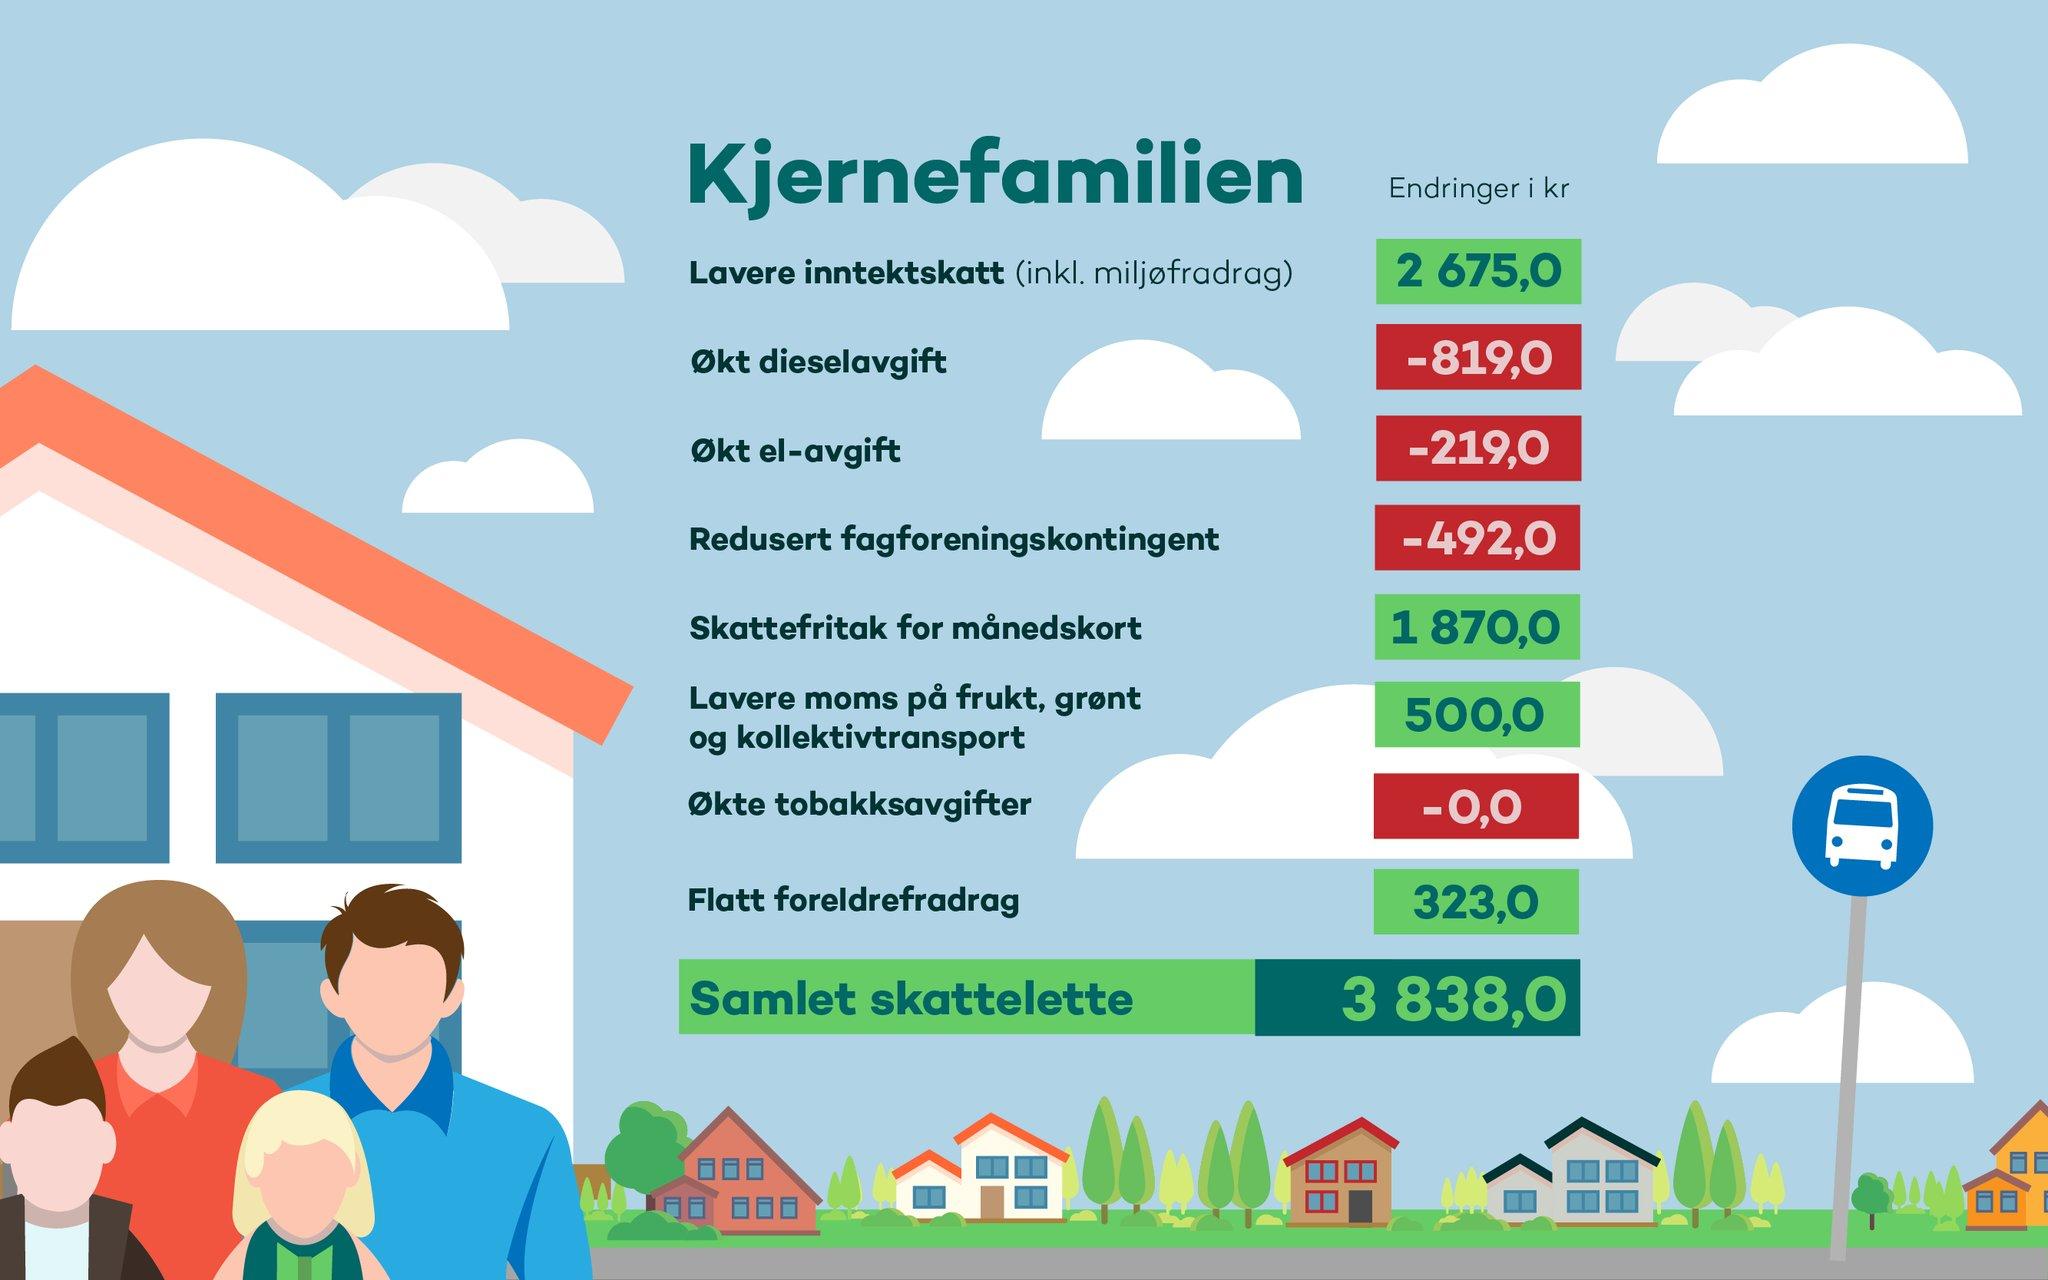 infographic-kjernefamilien